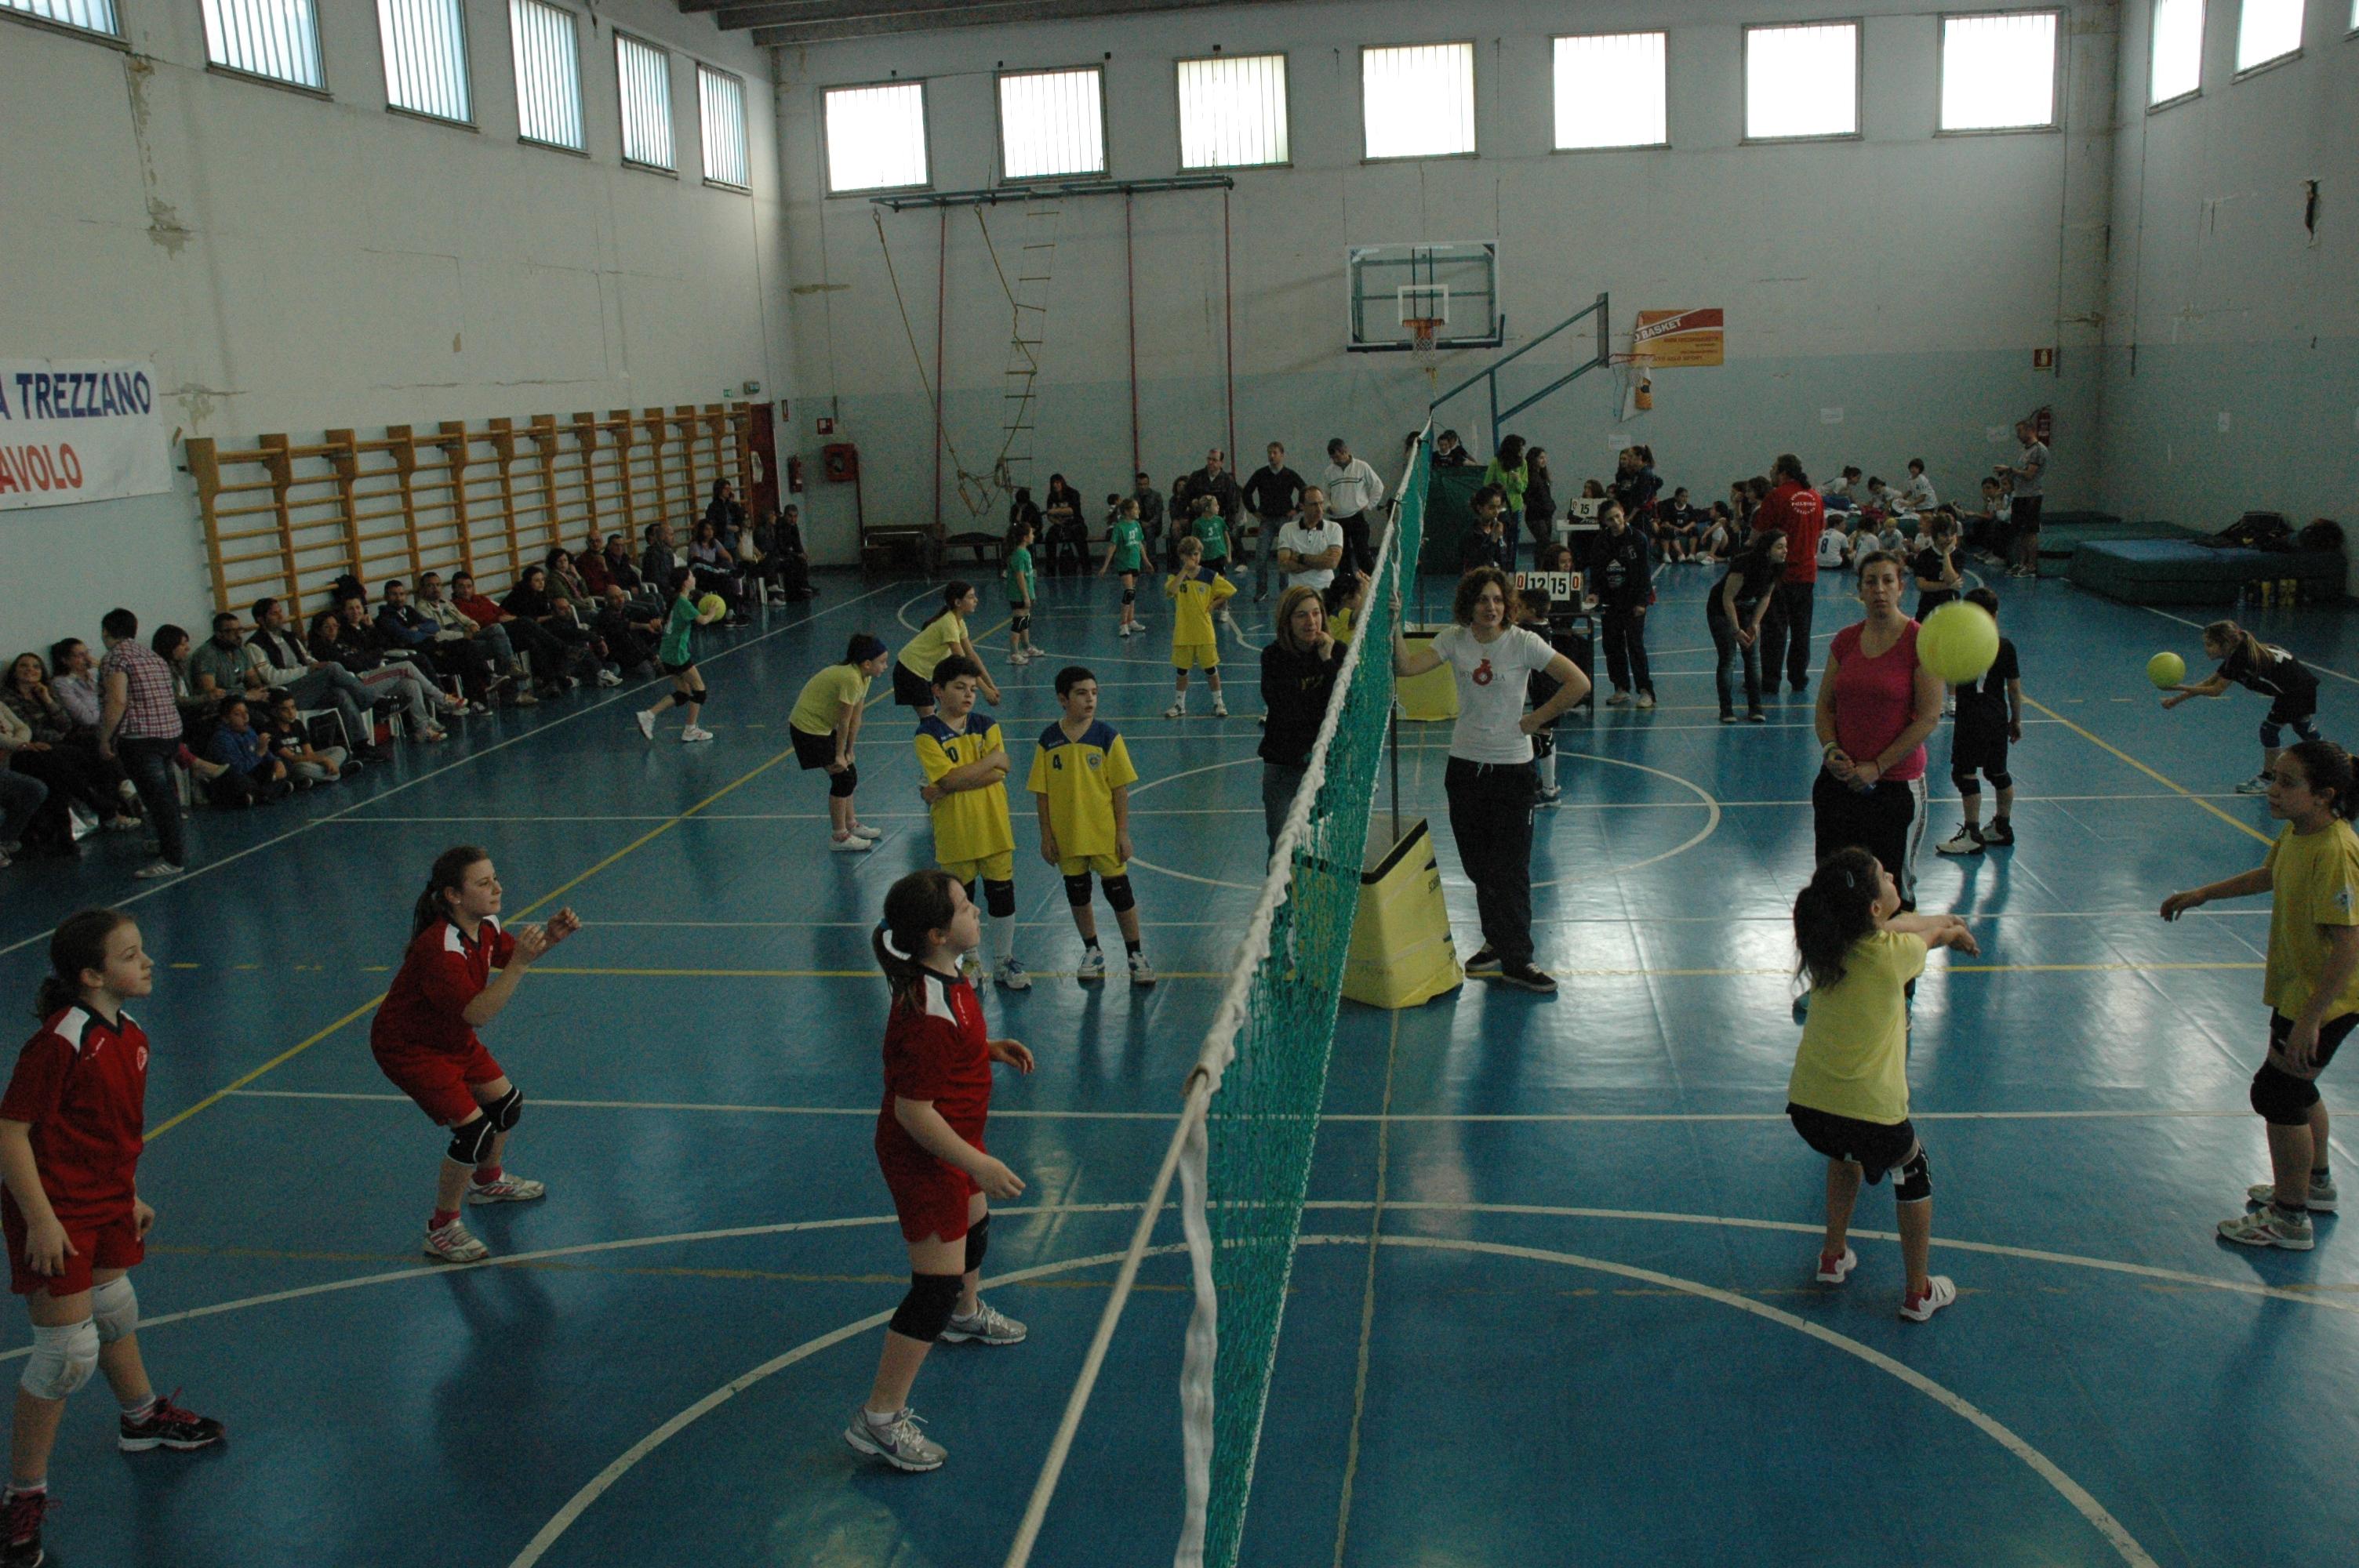 Piccoli atleti del minivolley in gara a Trezzano s/Naviglio